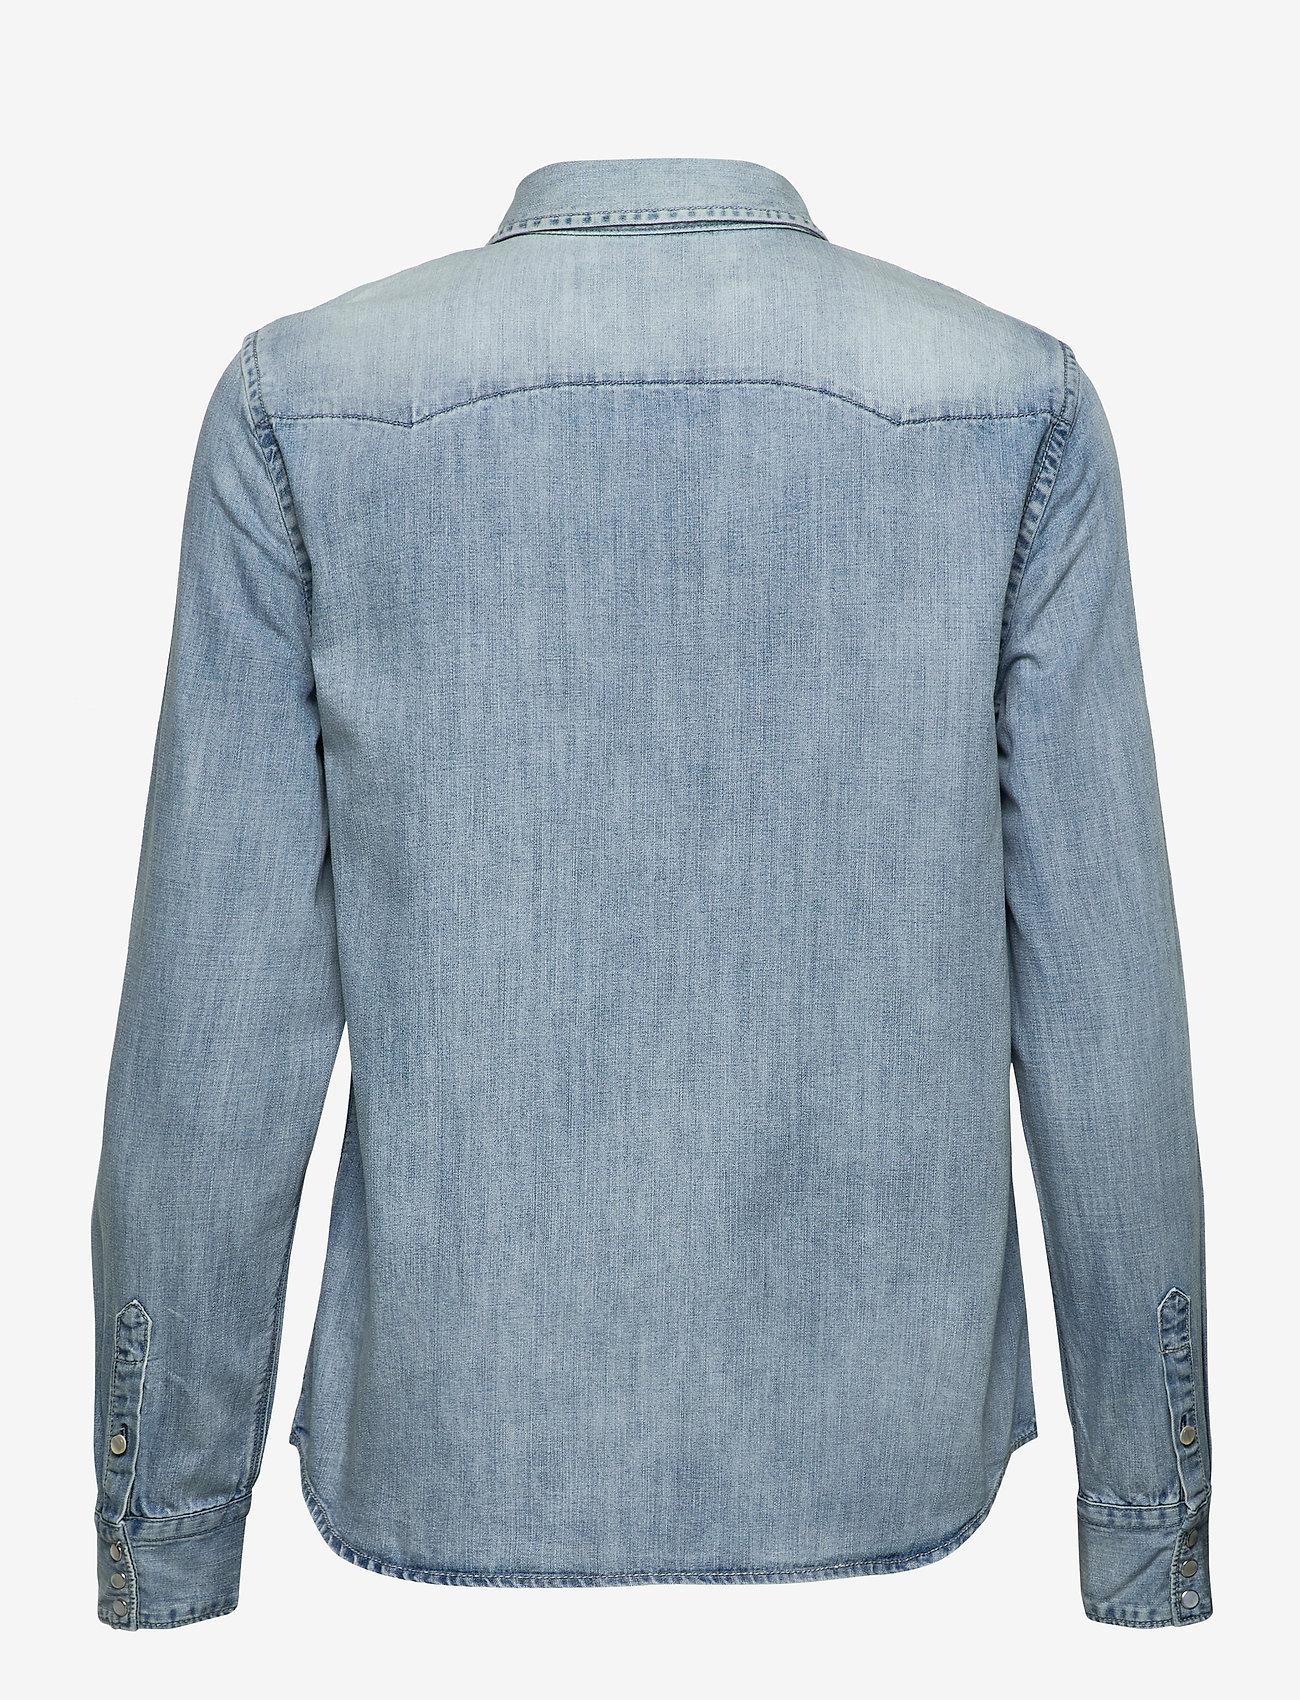 Replay - Shirt - chemises en jeans - light blue - 1